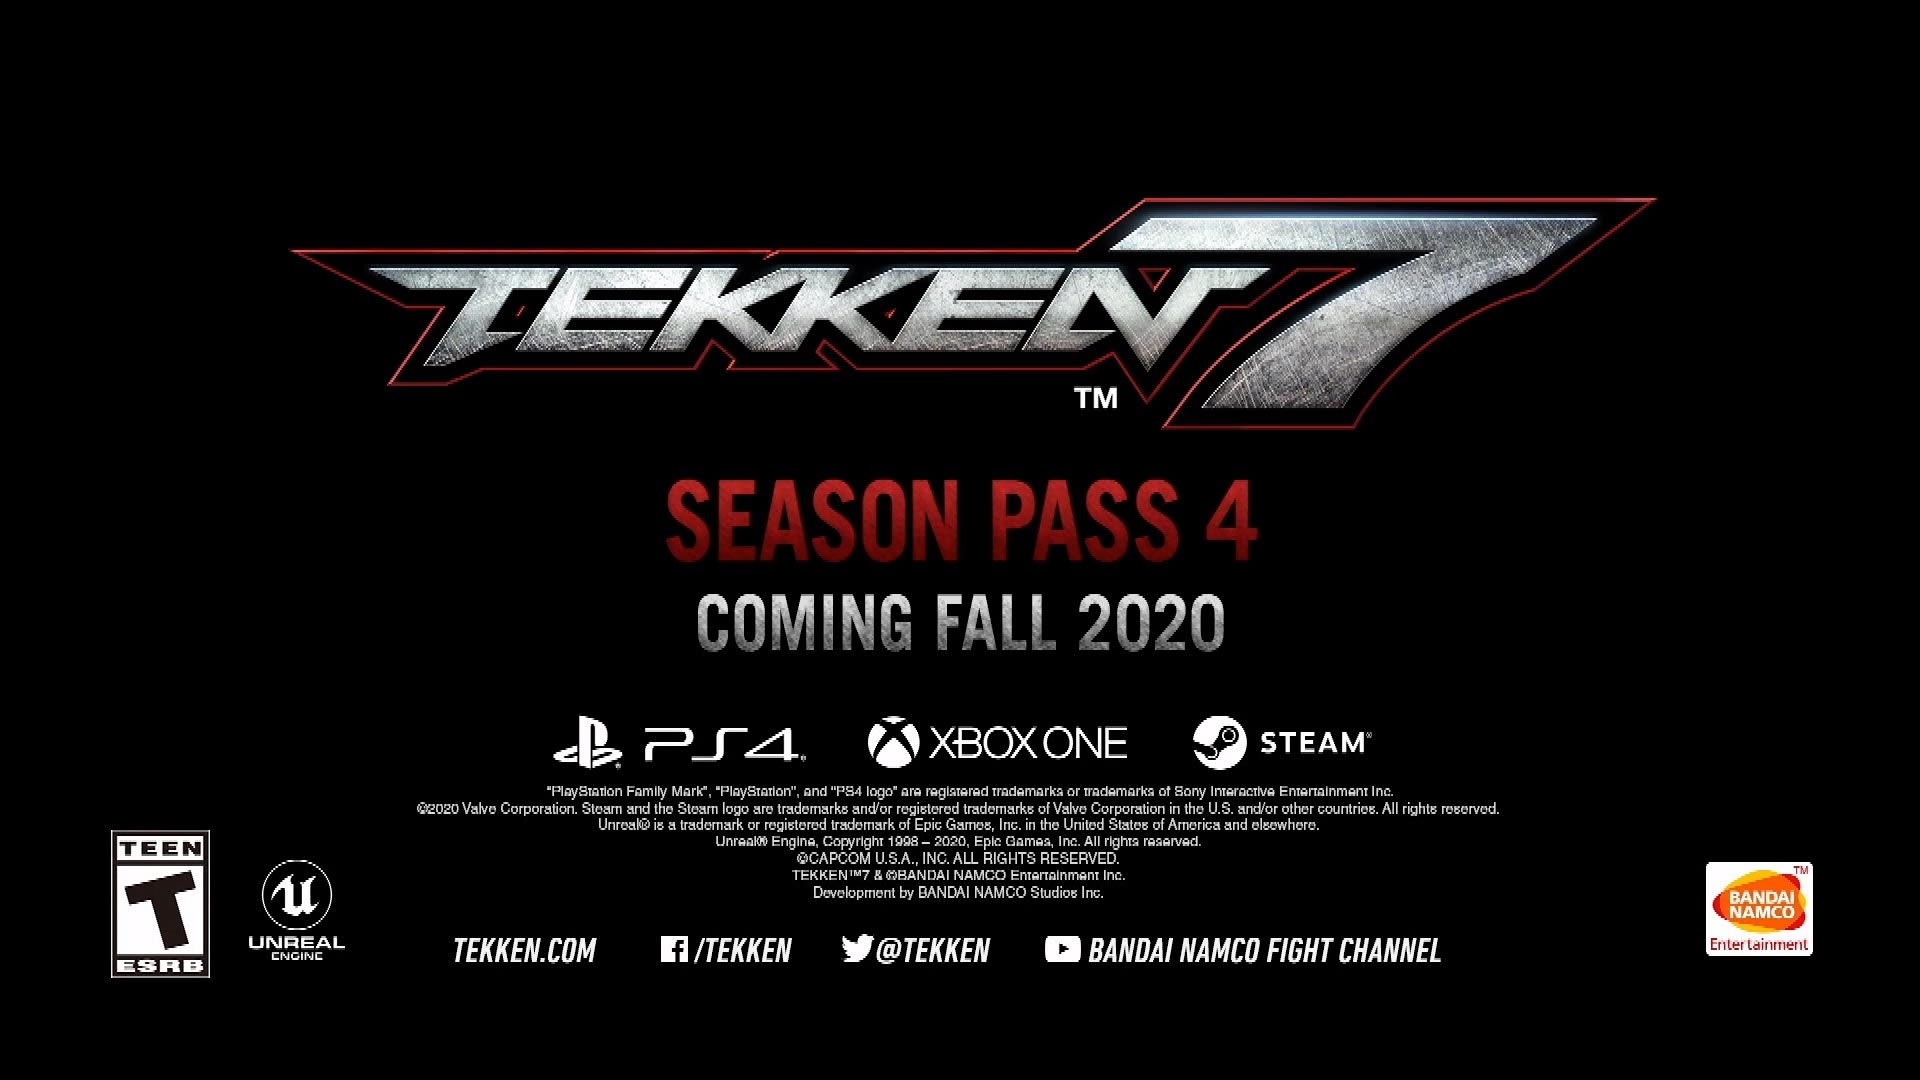 Tekken 7 Season 4 Soulcalibur Vi Settsuka Releases Trailer Exbulletin